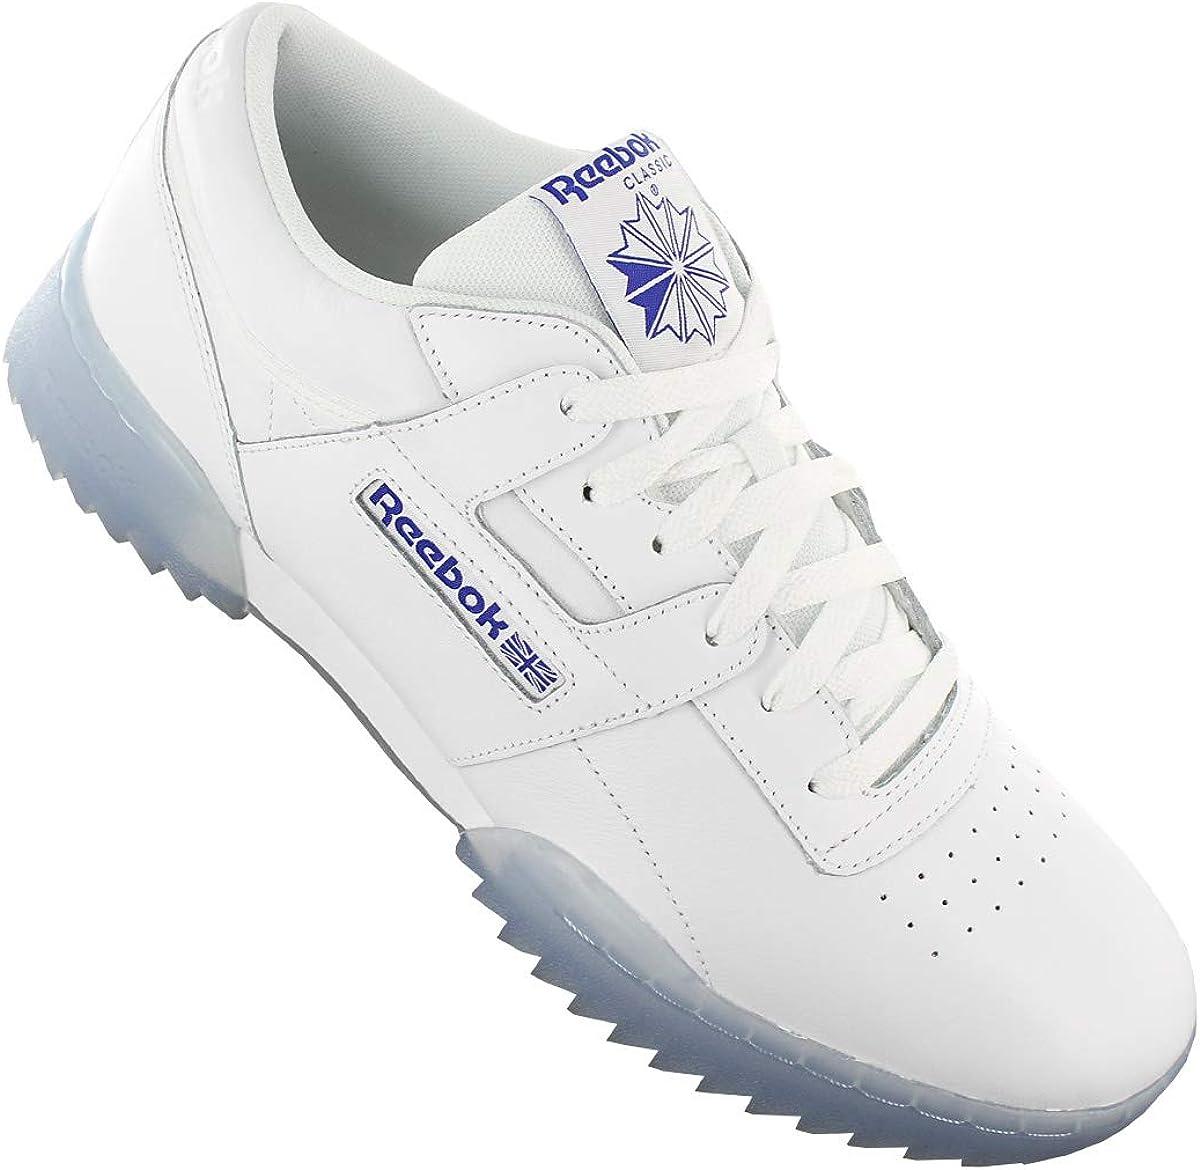 Reebok Workour Clean Ripple Ice CM9931 Herren Schuhe Weiß